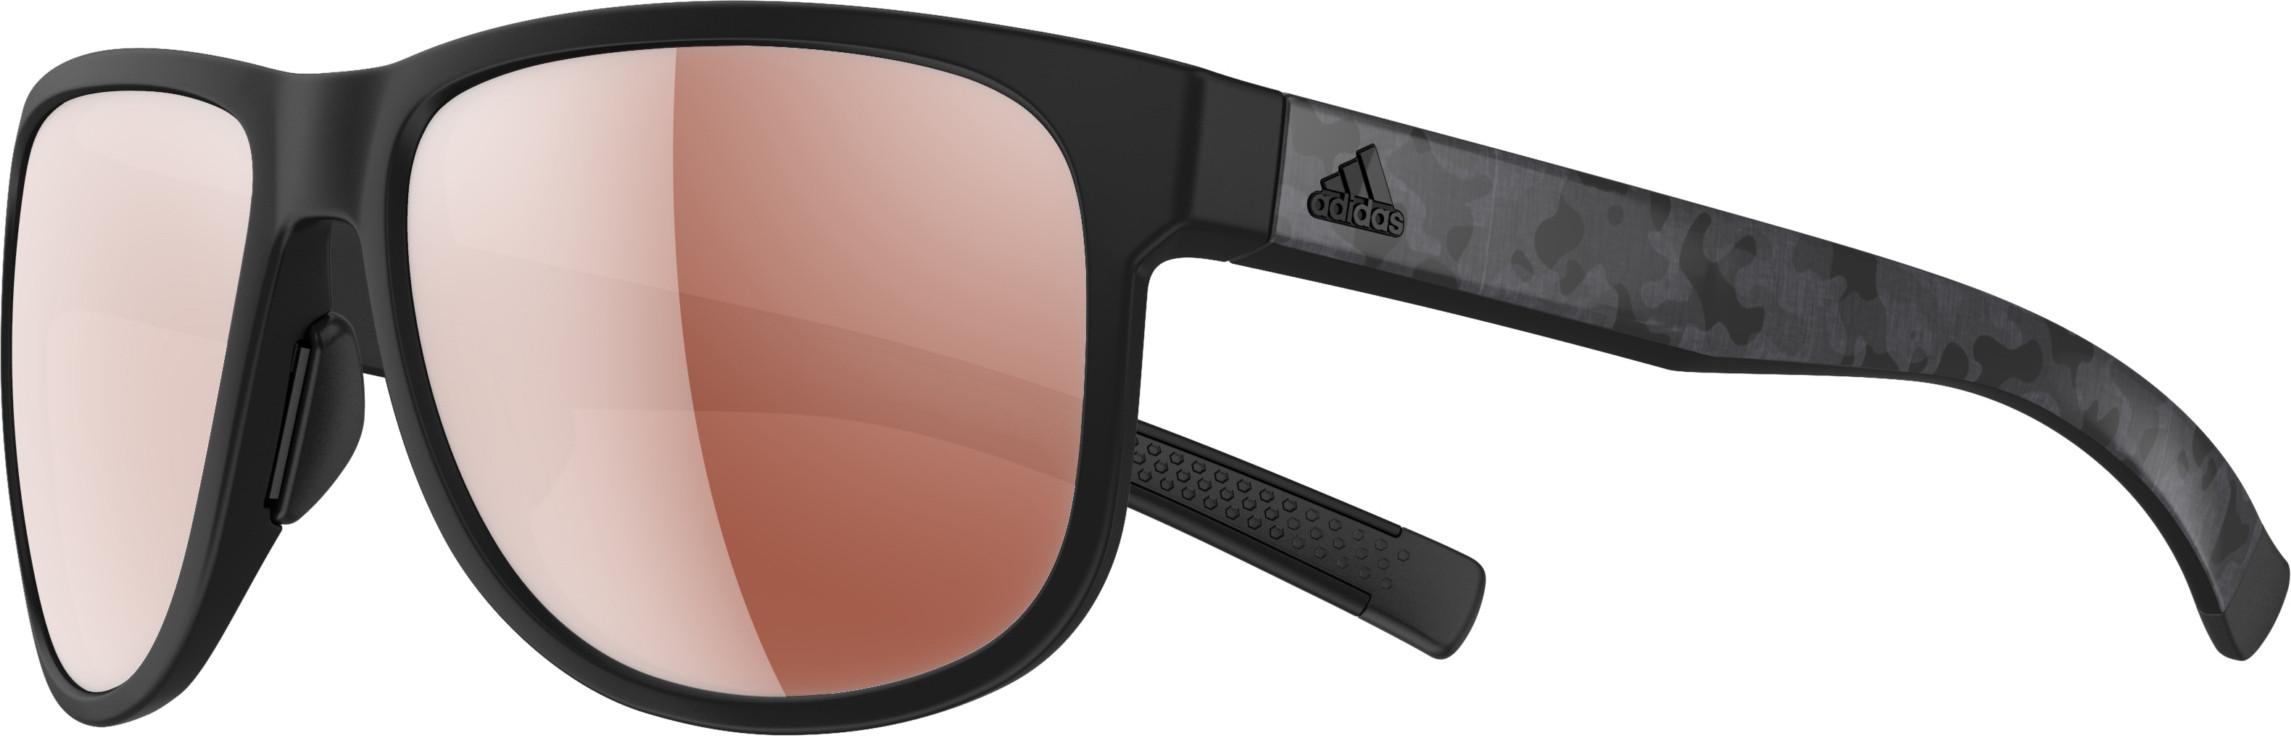 Adidas Sprung Black Matte Camo/Active Silver